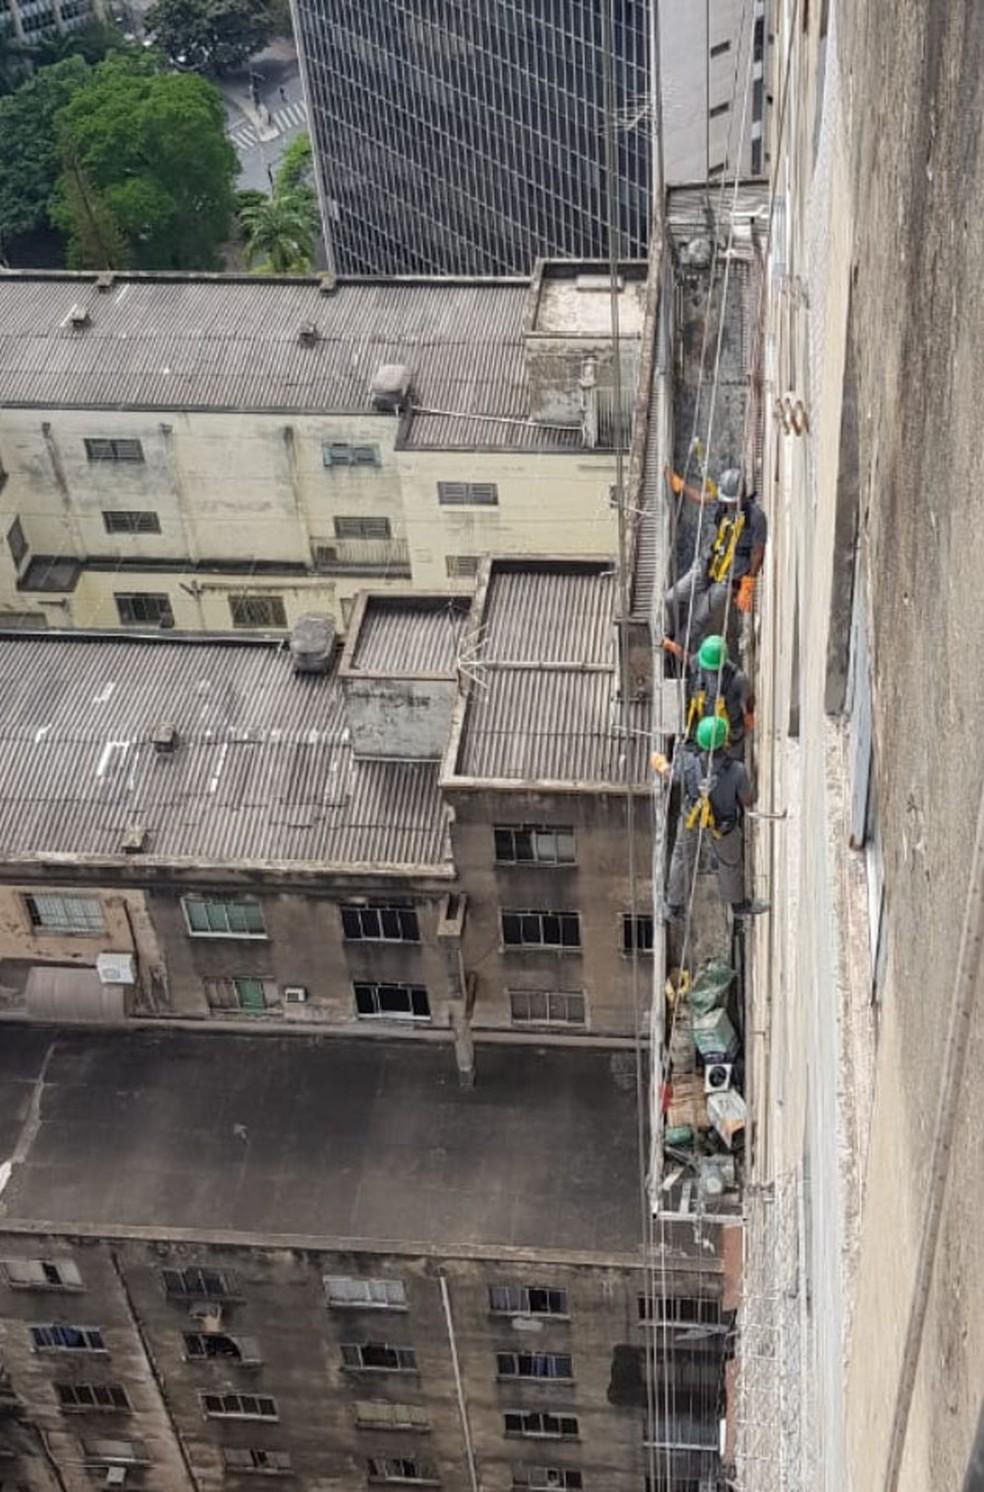 Os três homens estavam há quase 50 metros de altura. — Foto: MAB/Divulgação